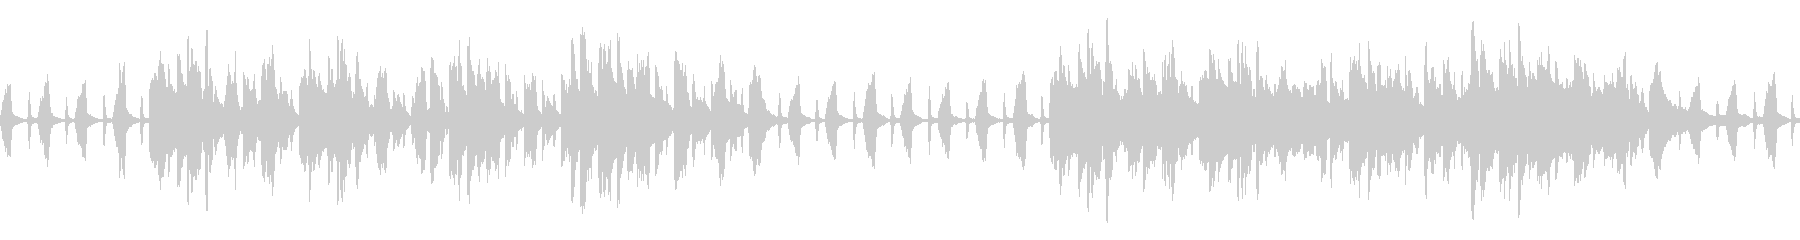 Nazoの未再生の波形